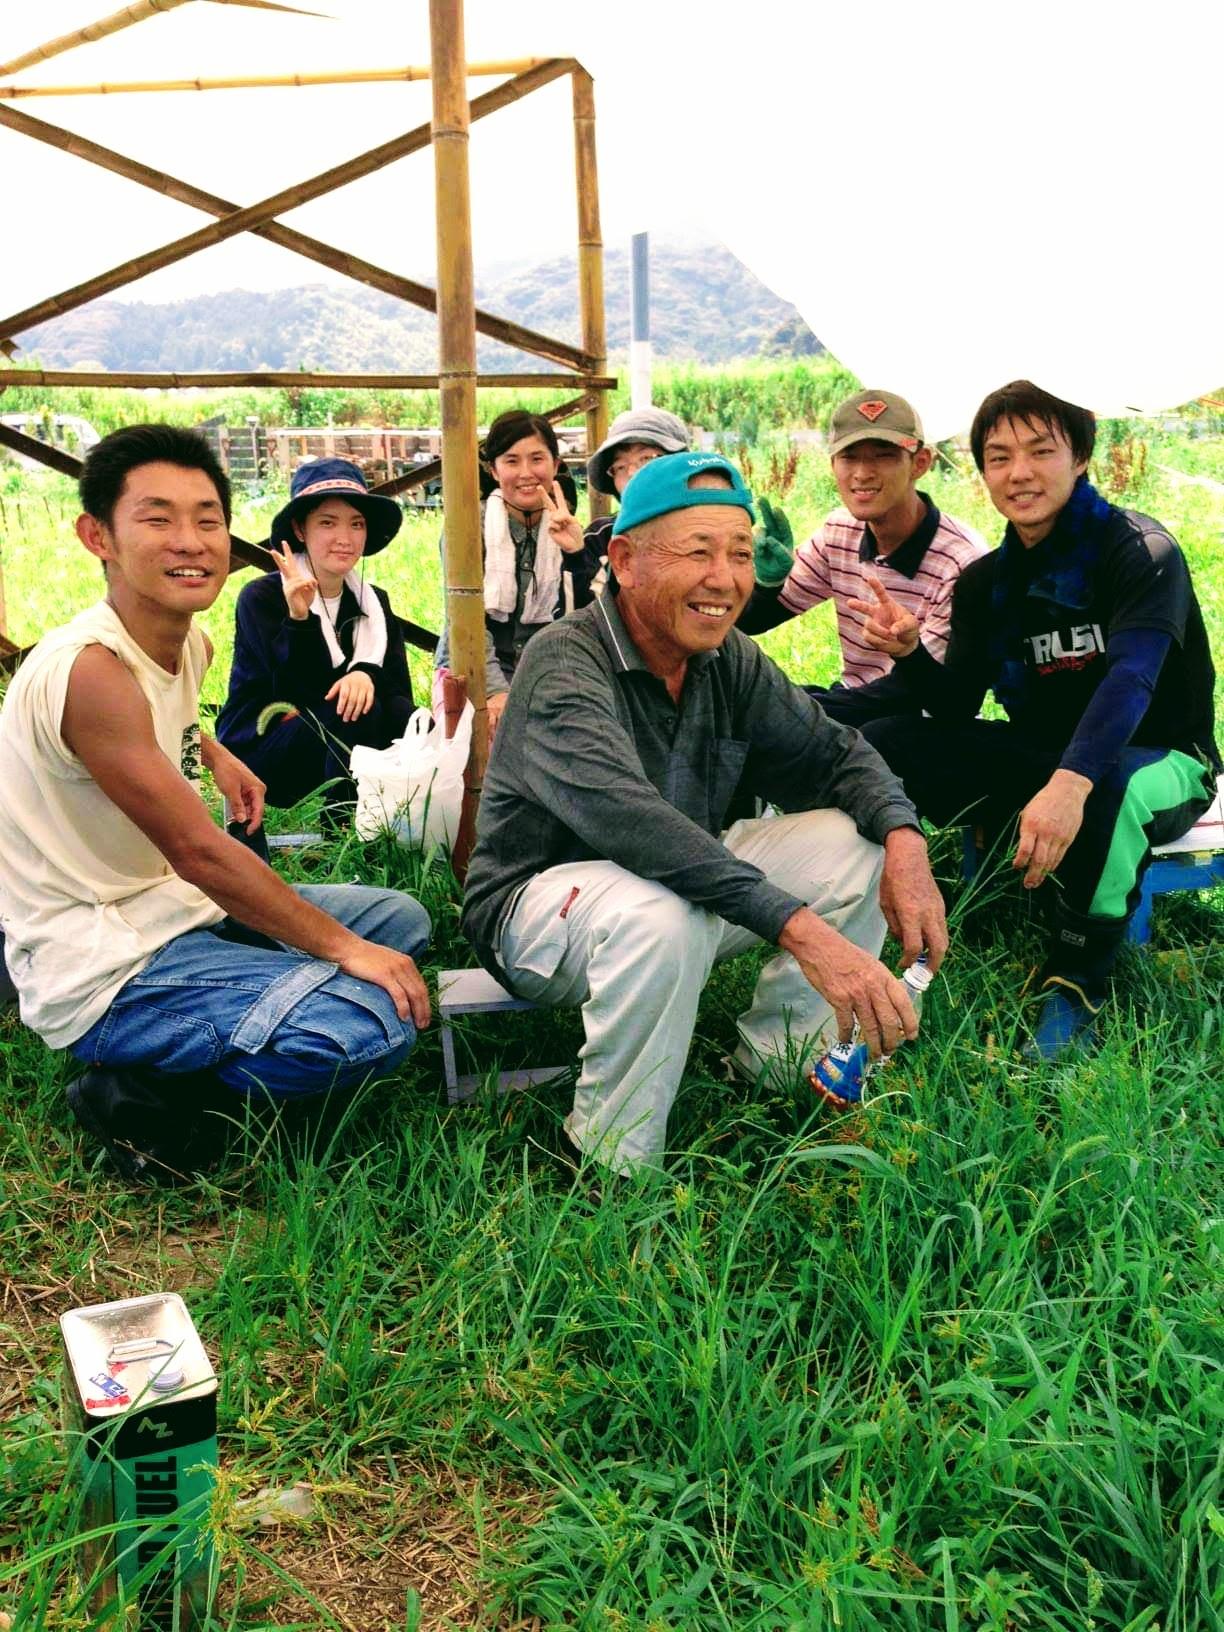 農作業中の笑顔